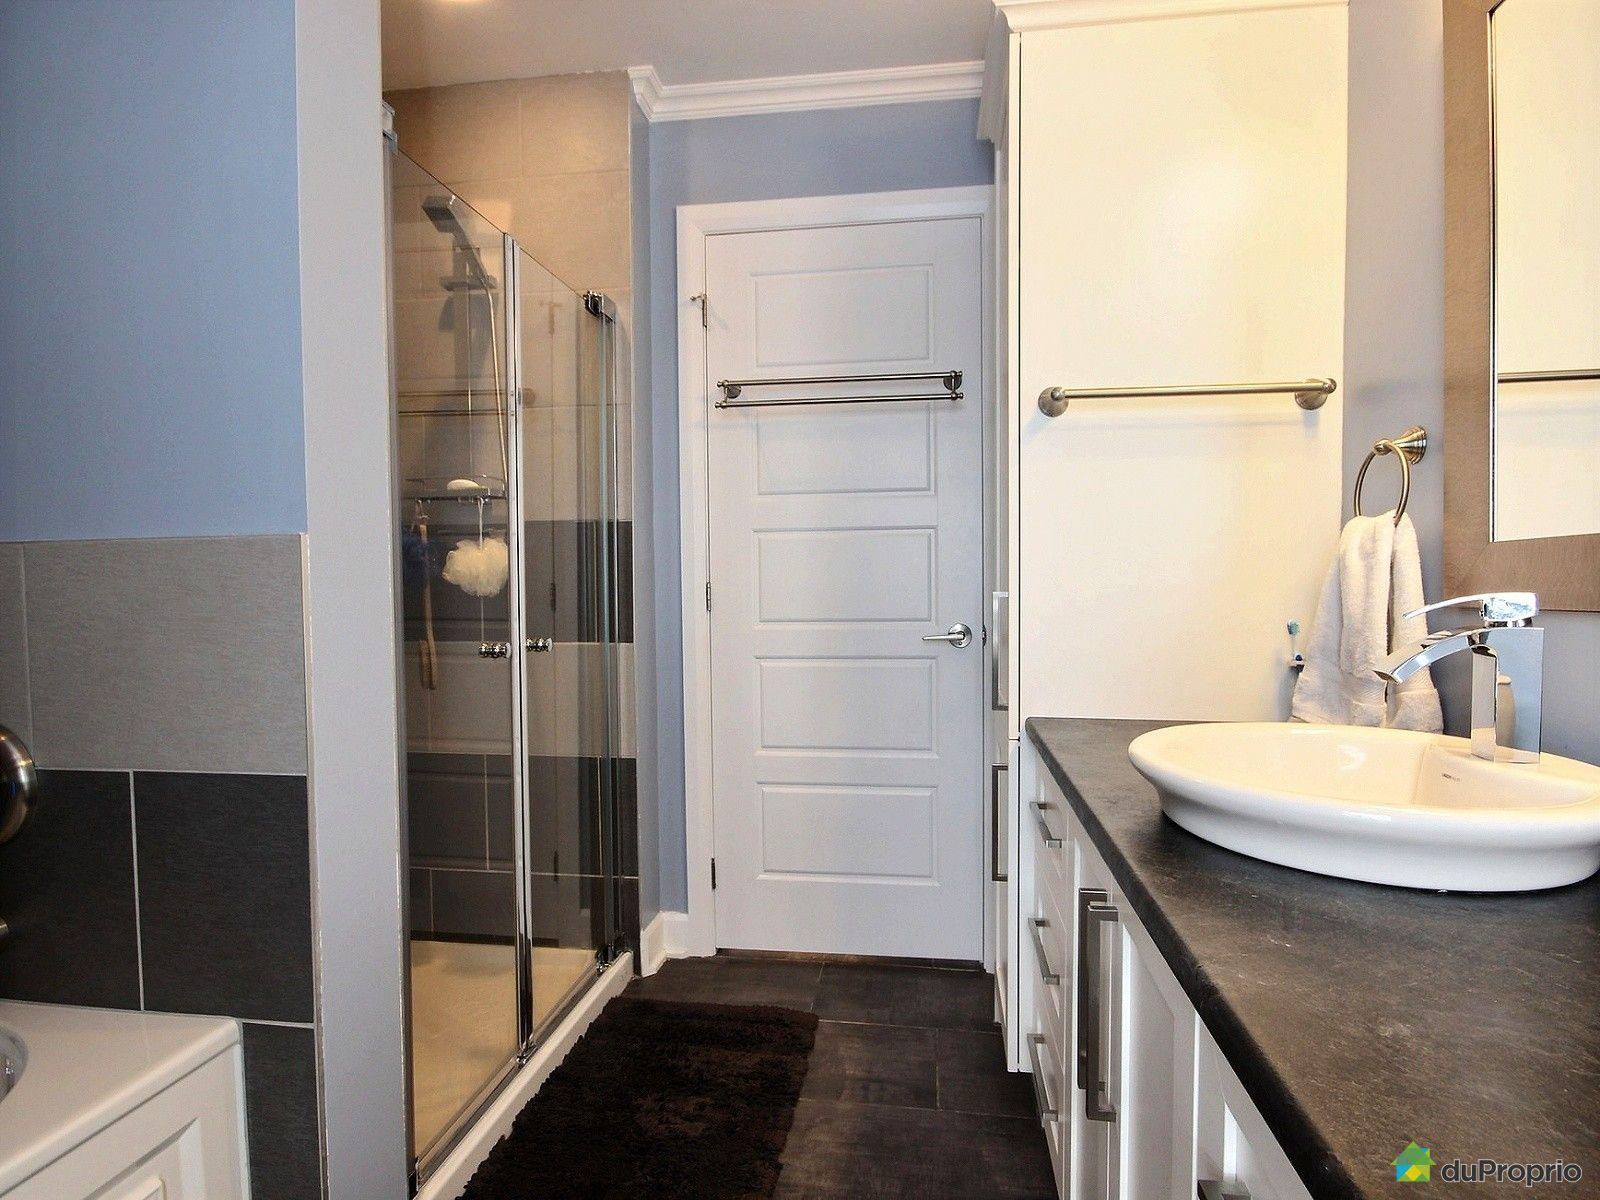 Maison vendre st eustache 324 rue boileau immobilier for Salle de bain 25 st eustache